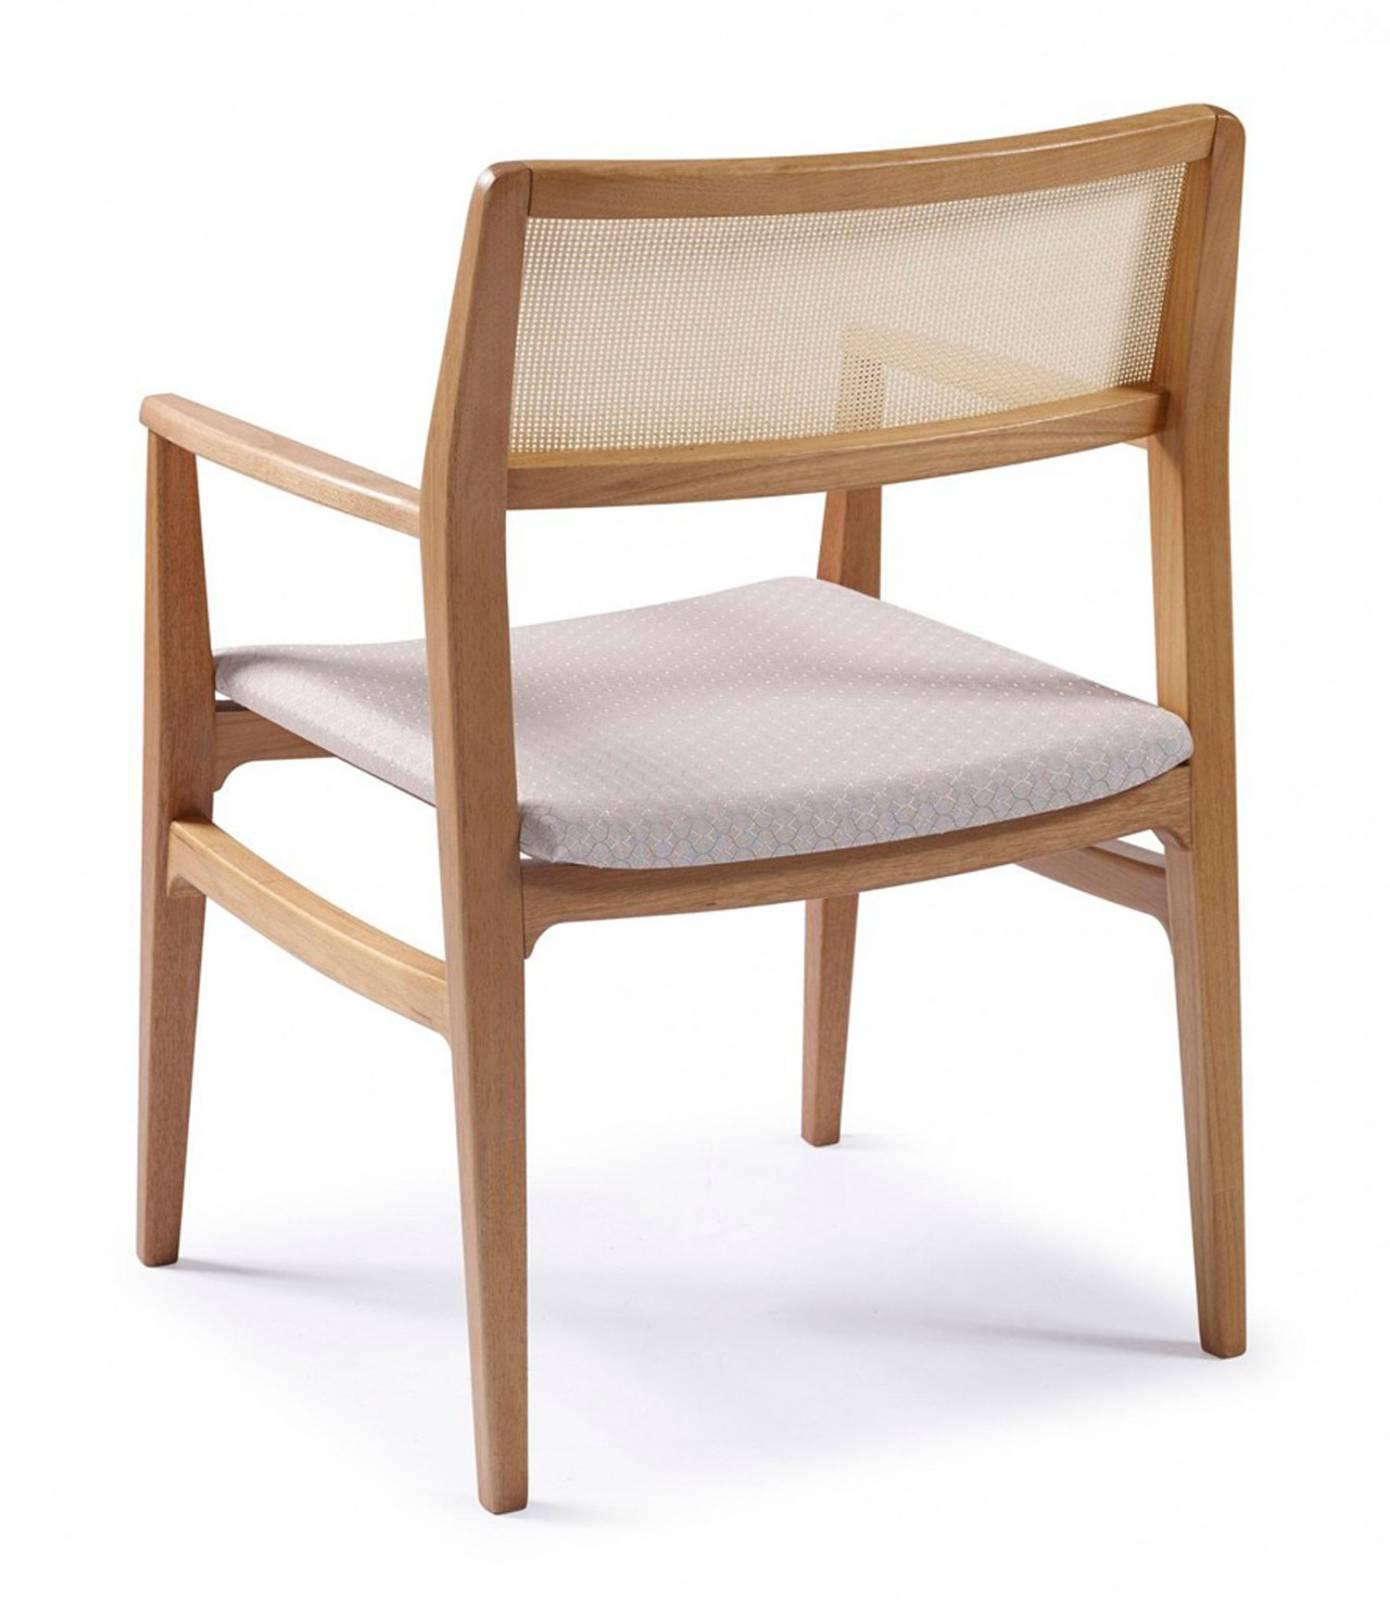 Cadeira Damata com braço Móveis Rudnick - All Home